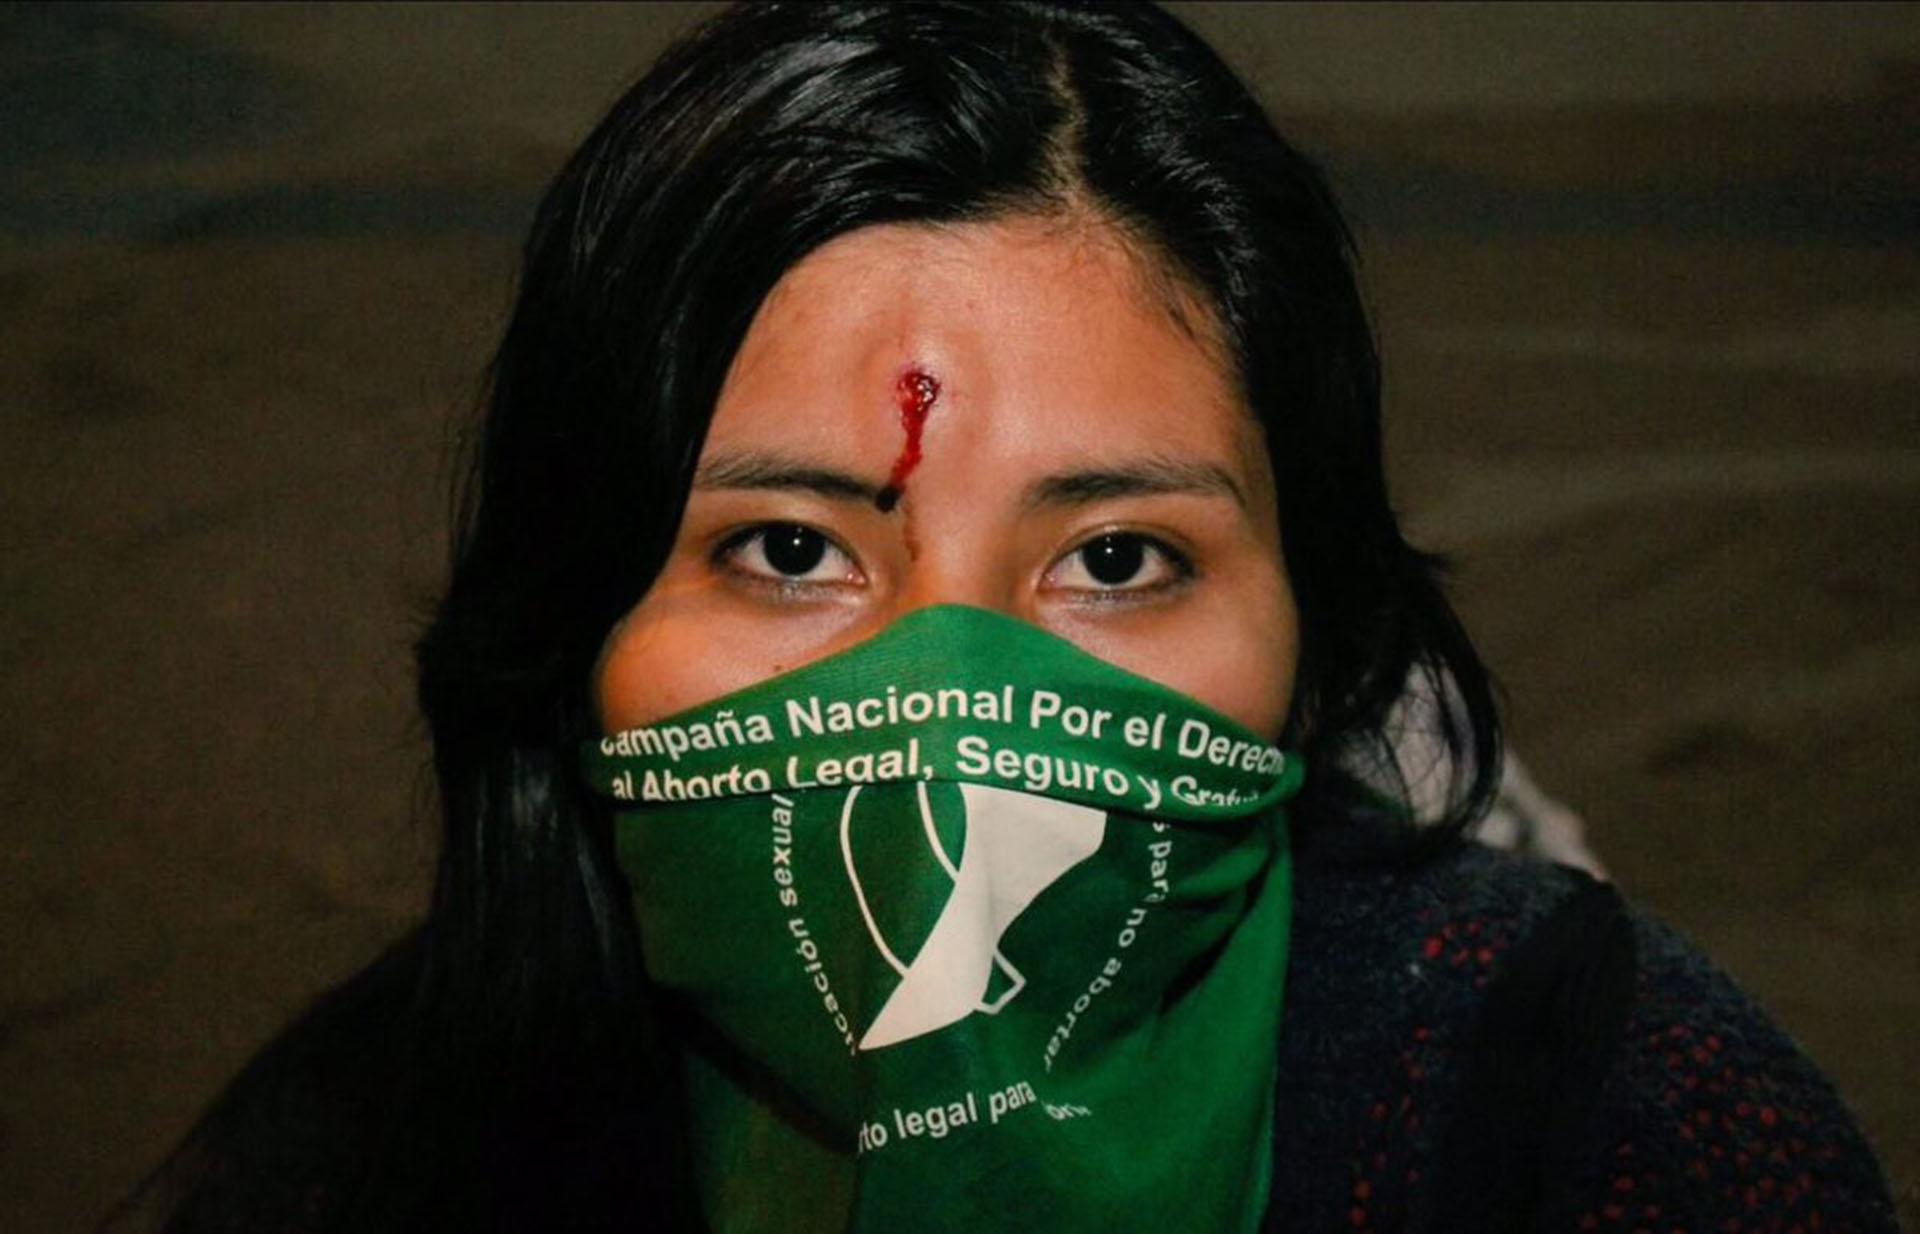 El Encuentro Nacional de Mujeres concluyó con desmanes e incidentes